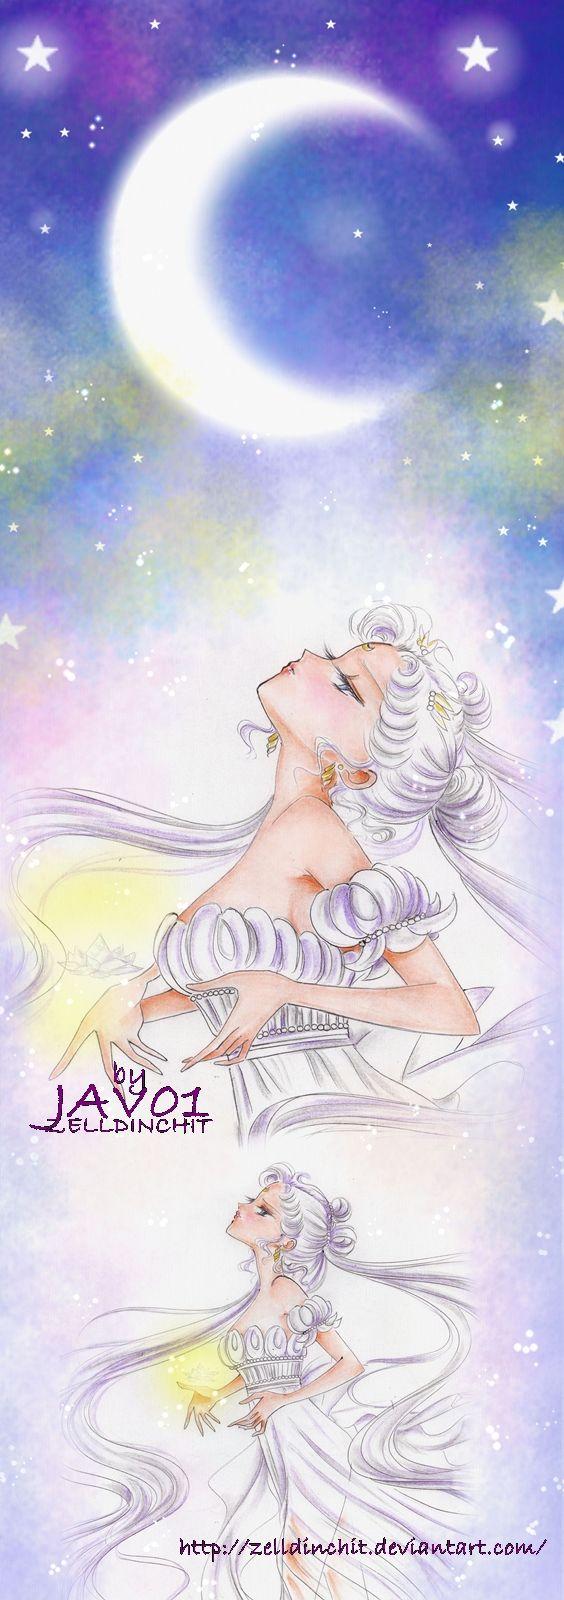 serenity - (sailor moon ) the sacrifice by zelldinchit on deviantART